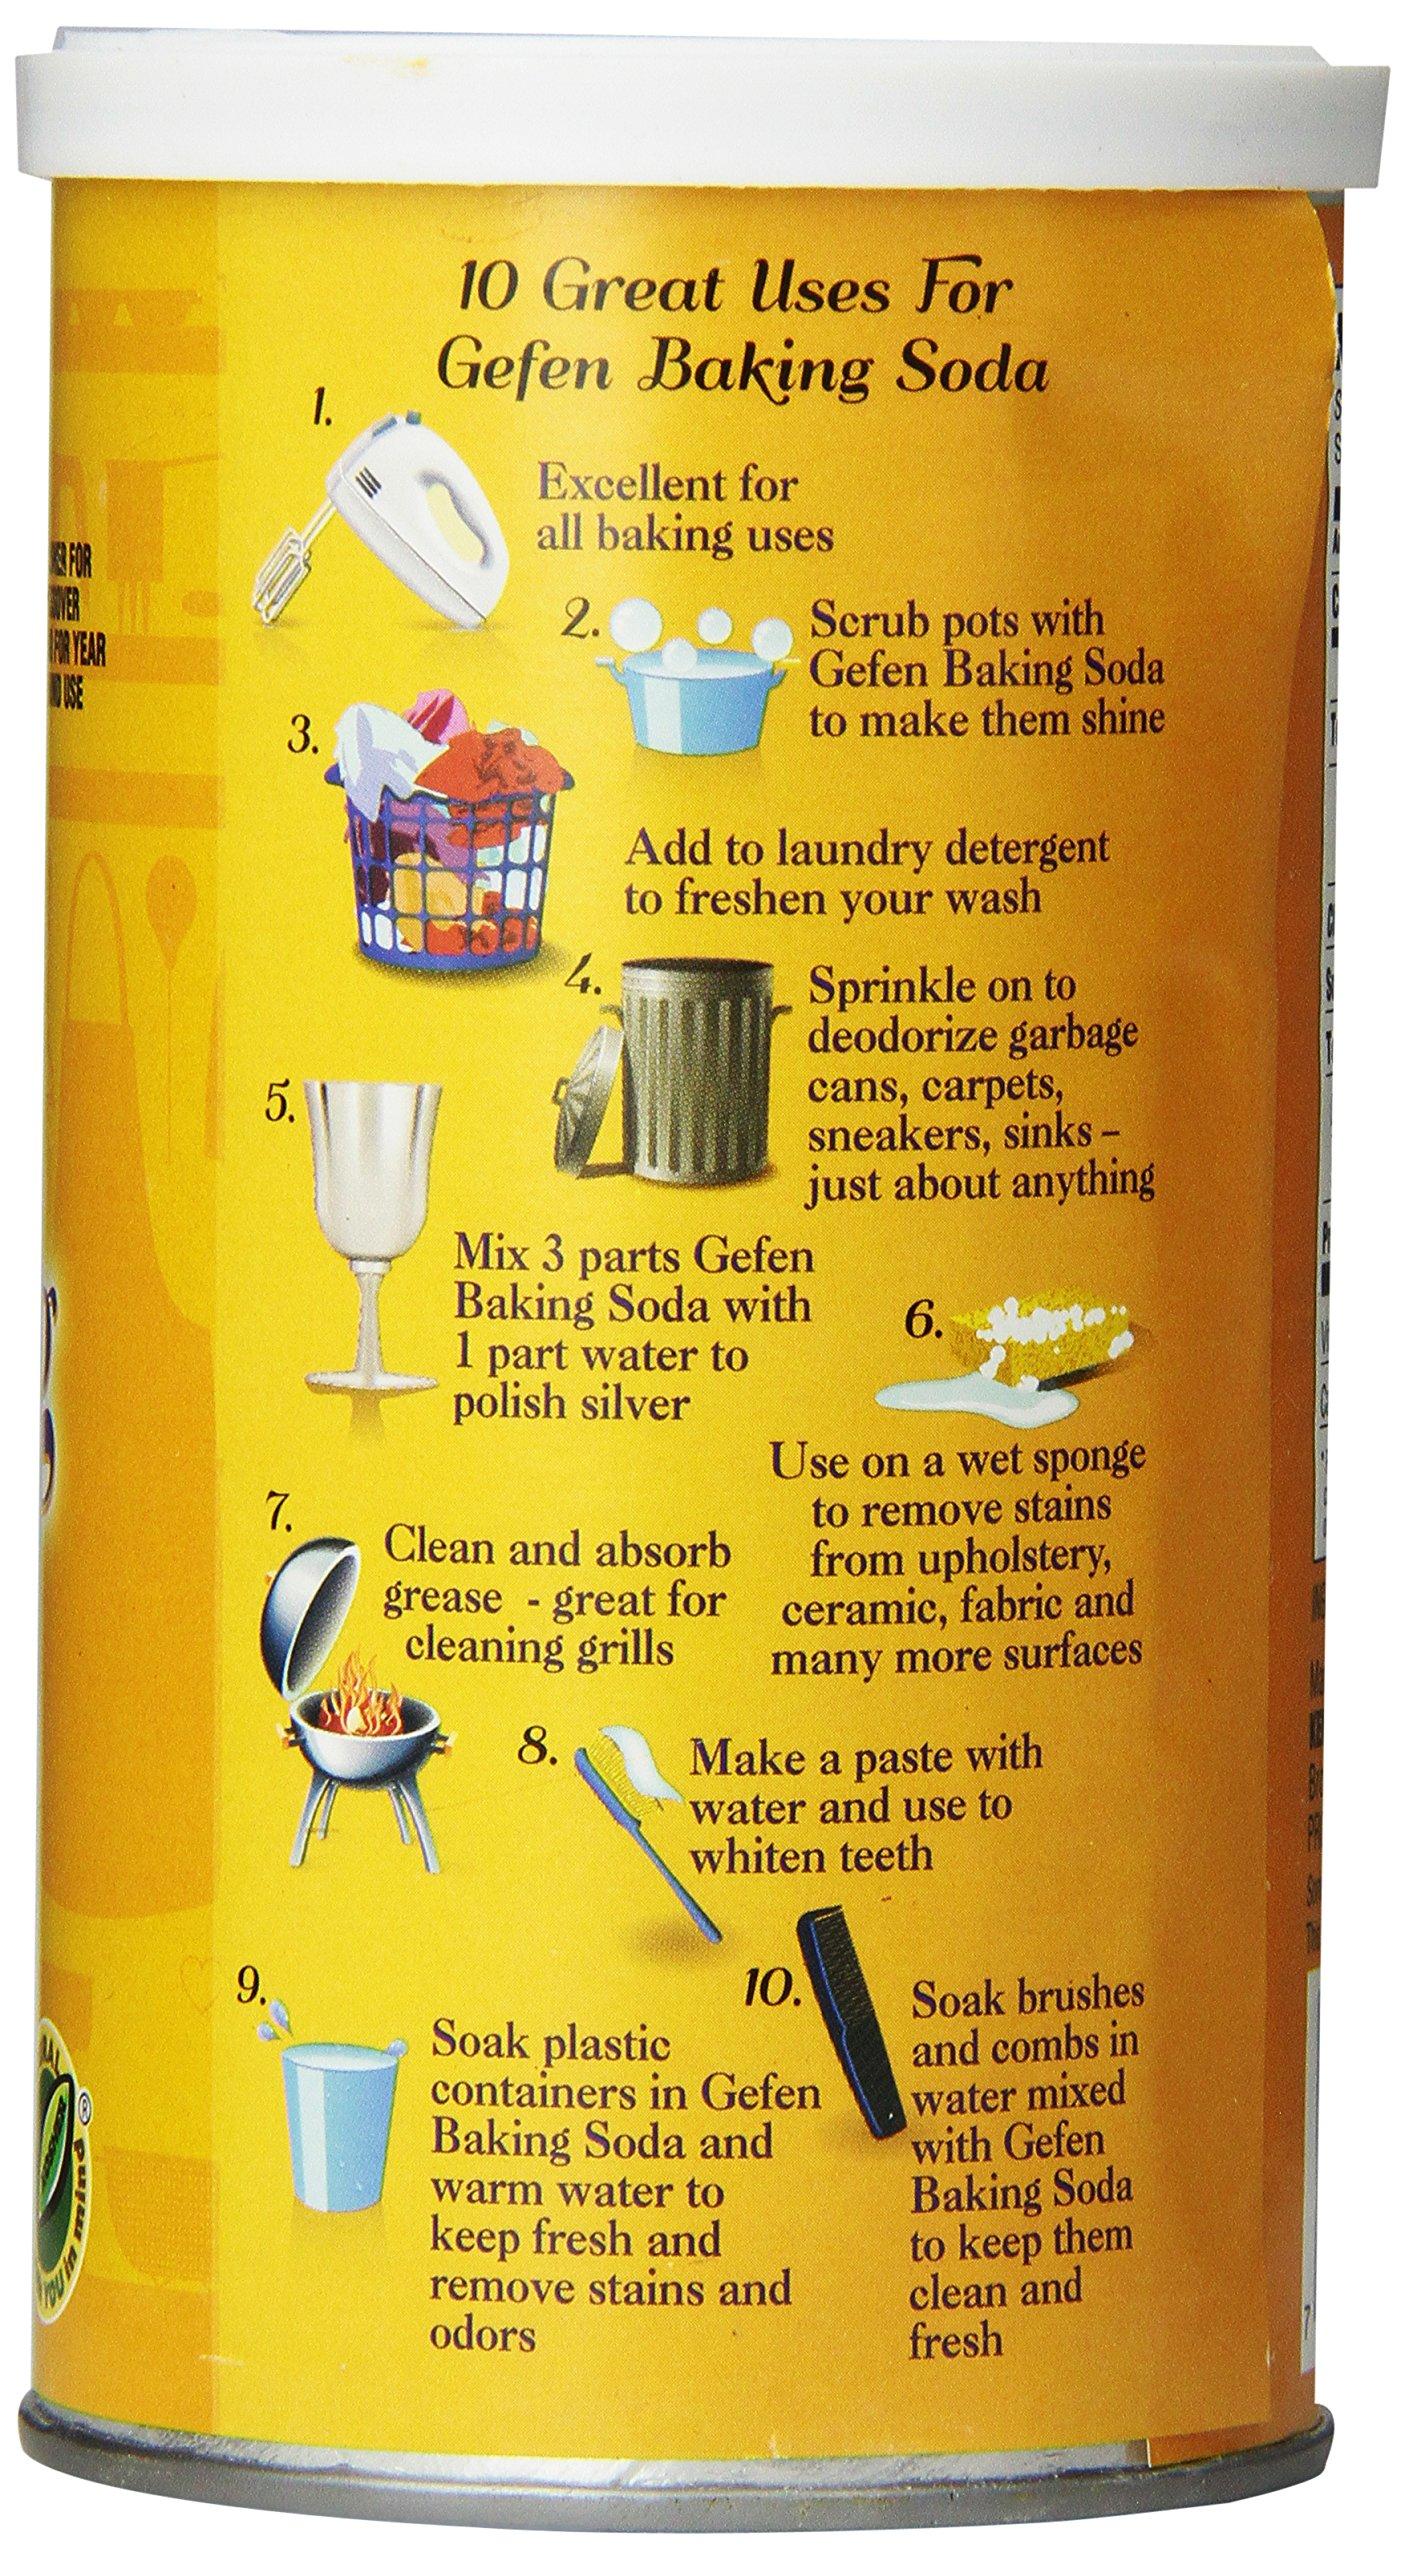 Gefen Baking Soda, 12 Ounce (Pack of 24) by Gefen (Image #4)